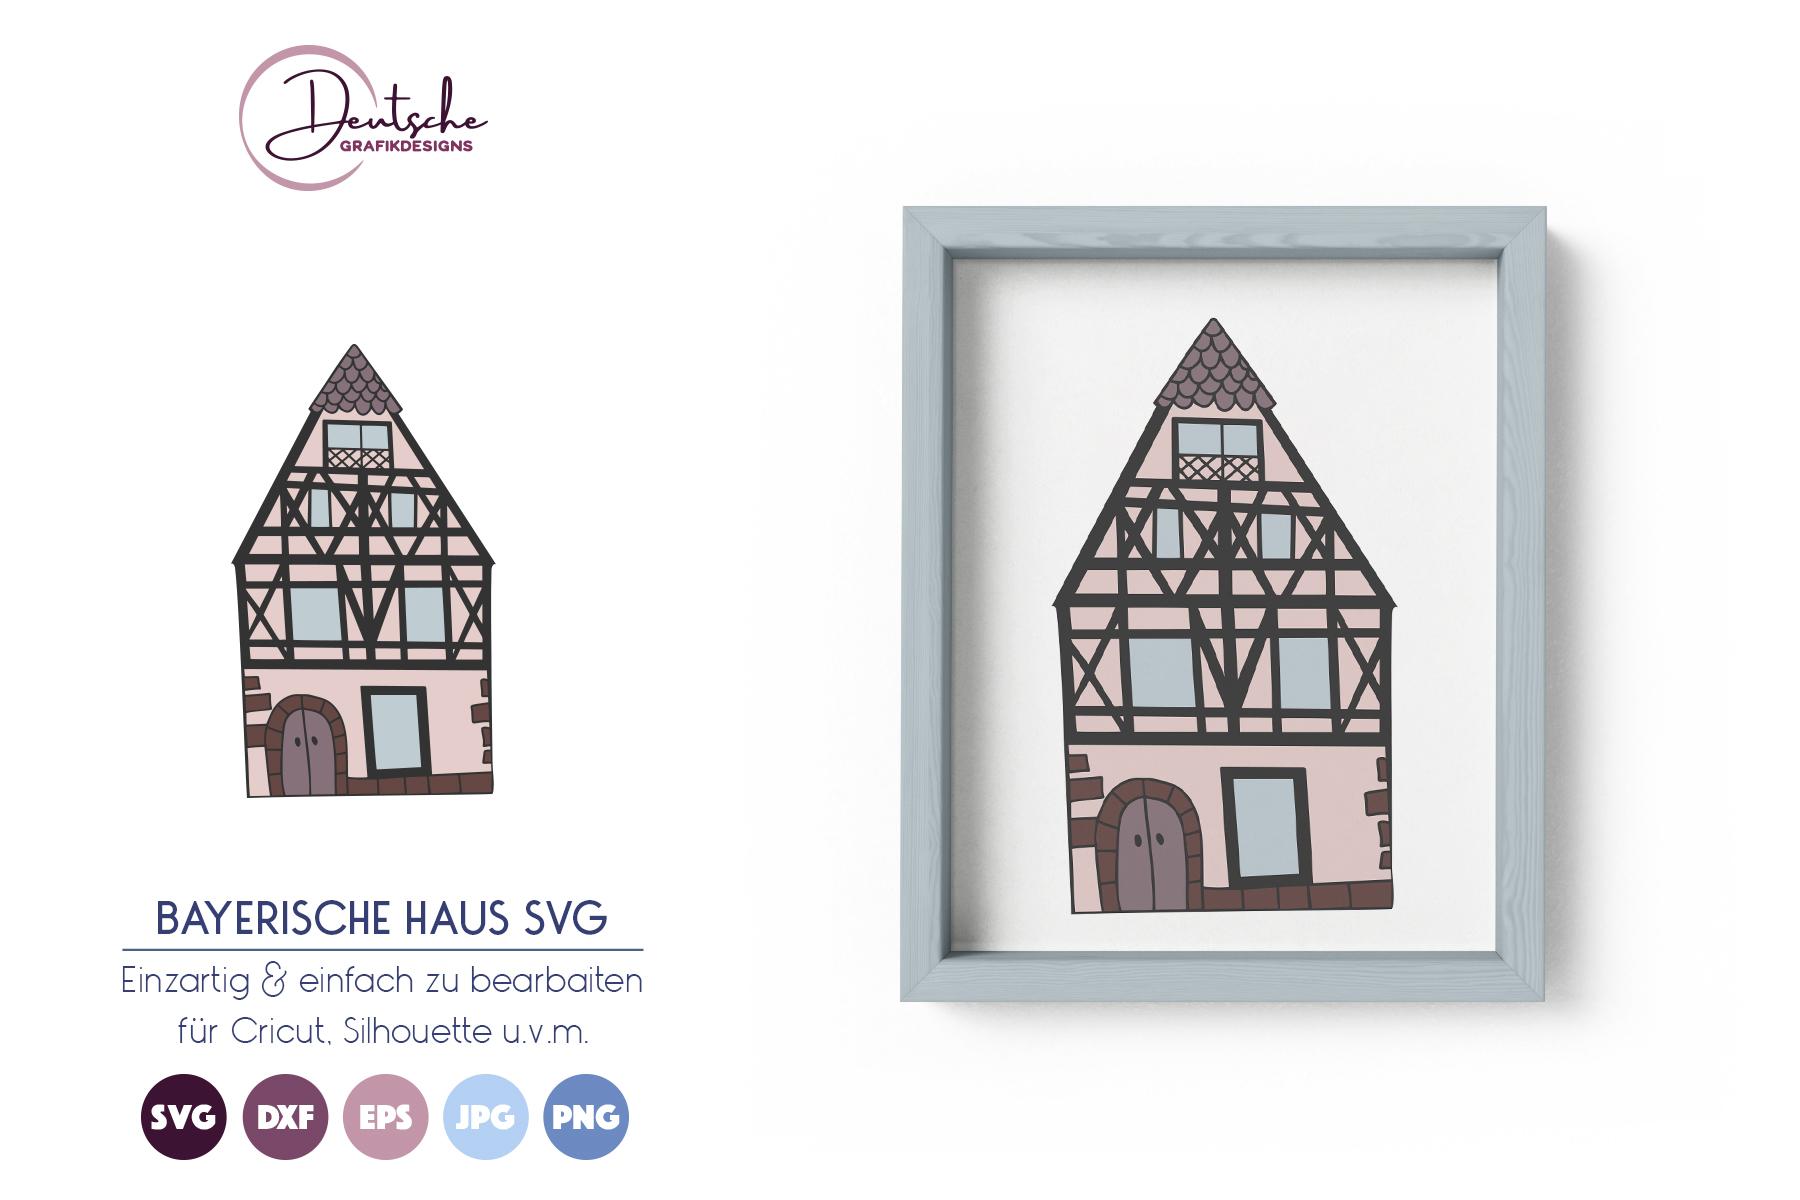 Bayerische Haus SVG example image 1